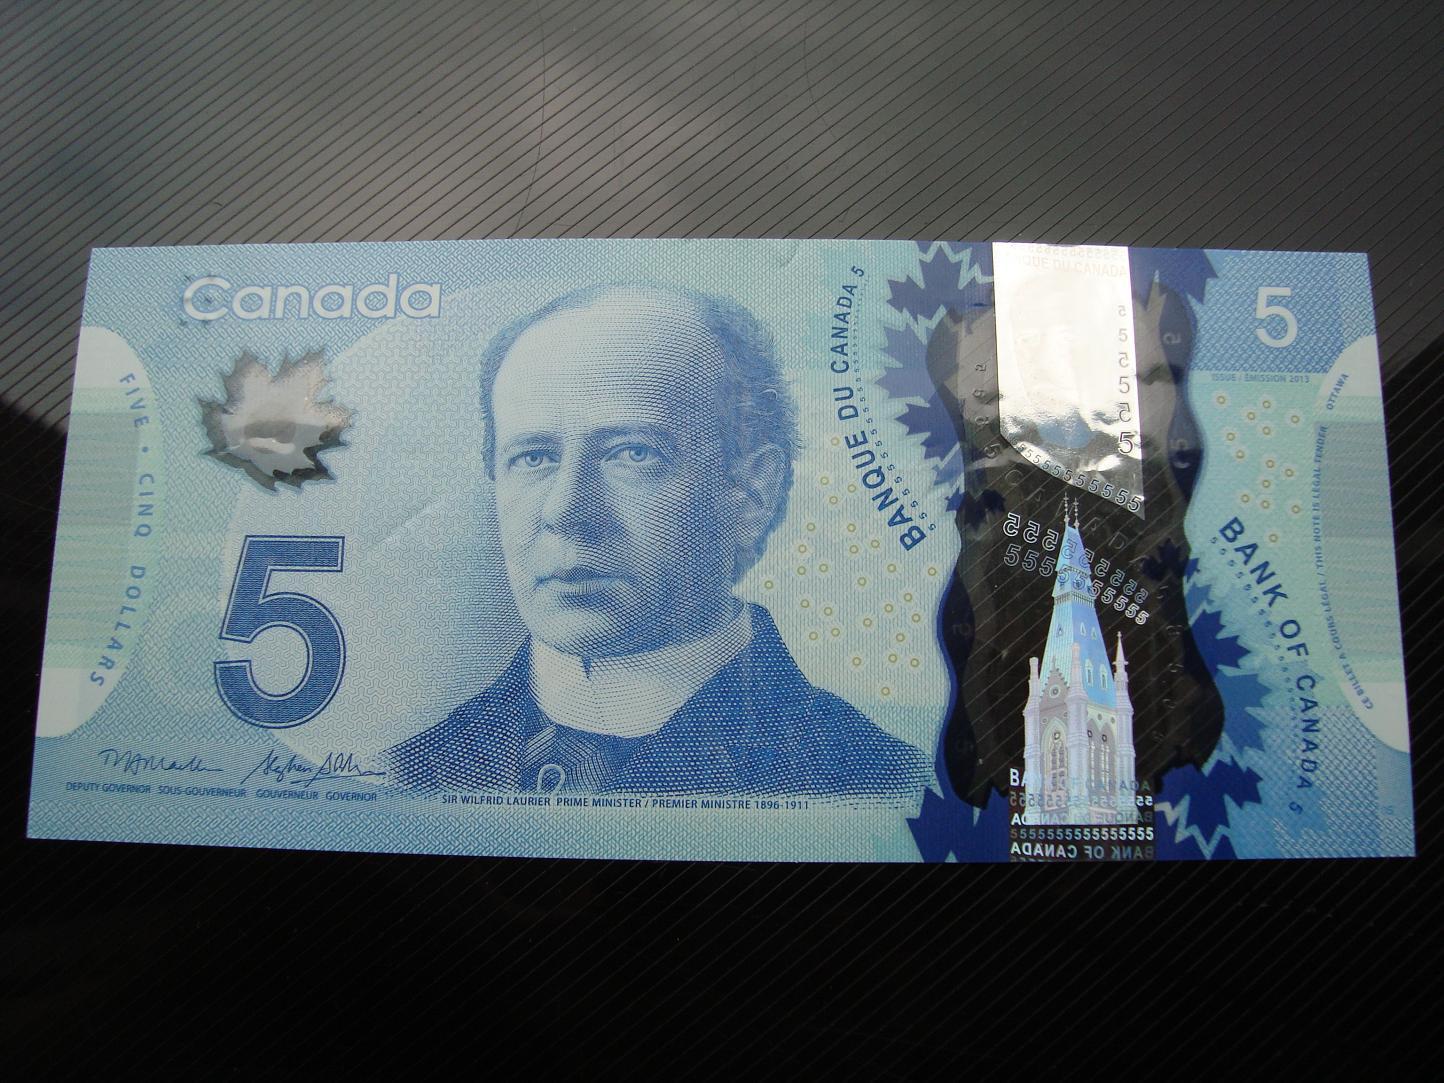 5$ Kanada-polimerwy